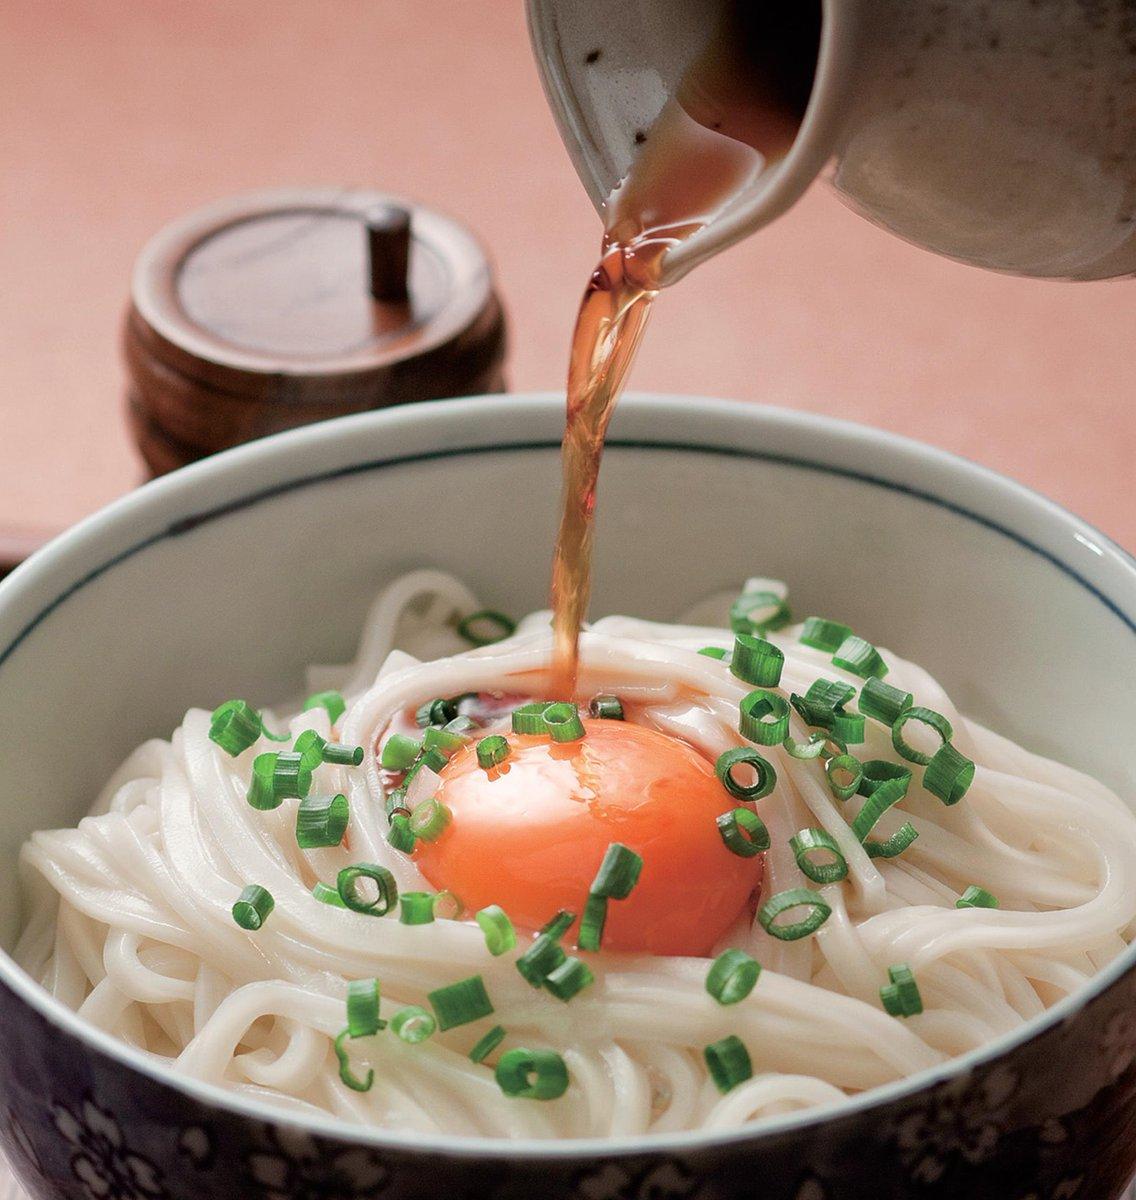 妻有そば㈱玉垣製麺所【公式】さんの投稿画像